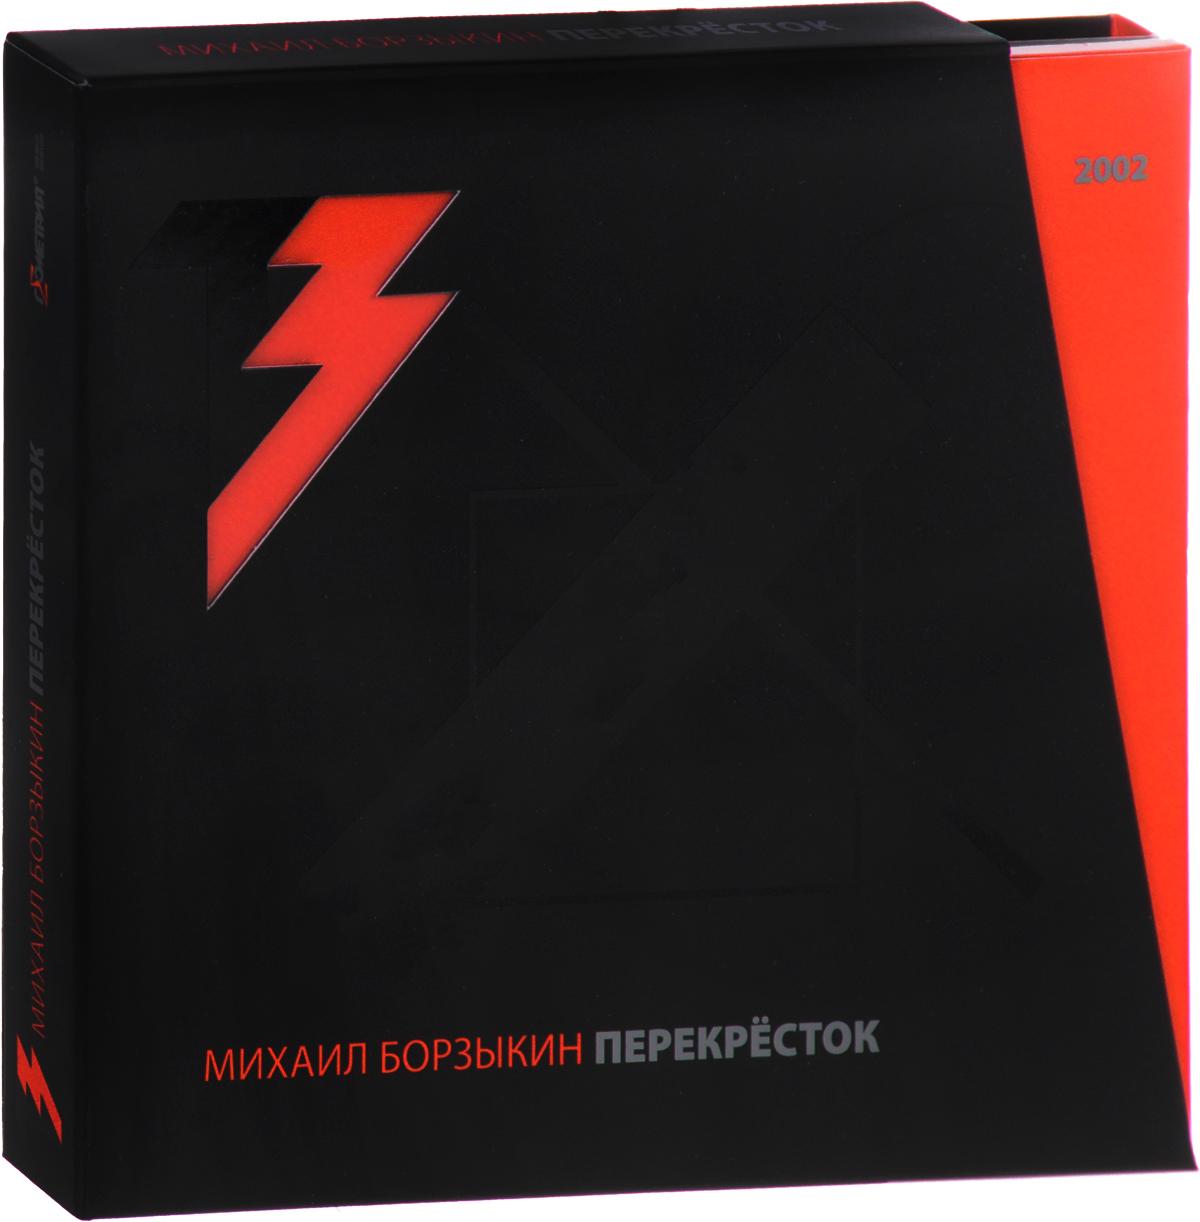 Бонус DVD содержит: Театр песни